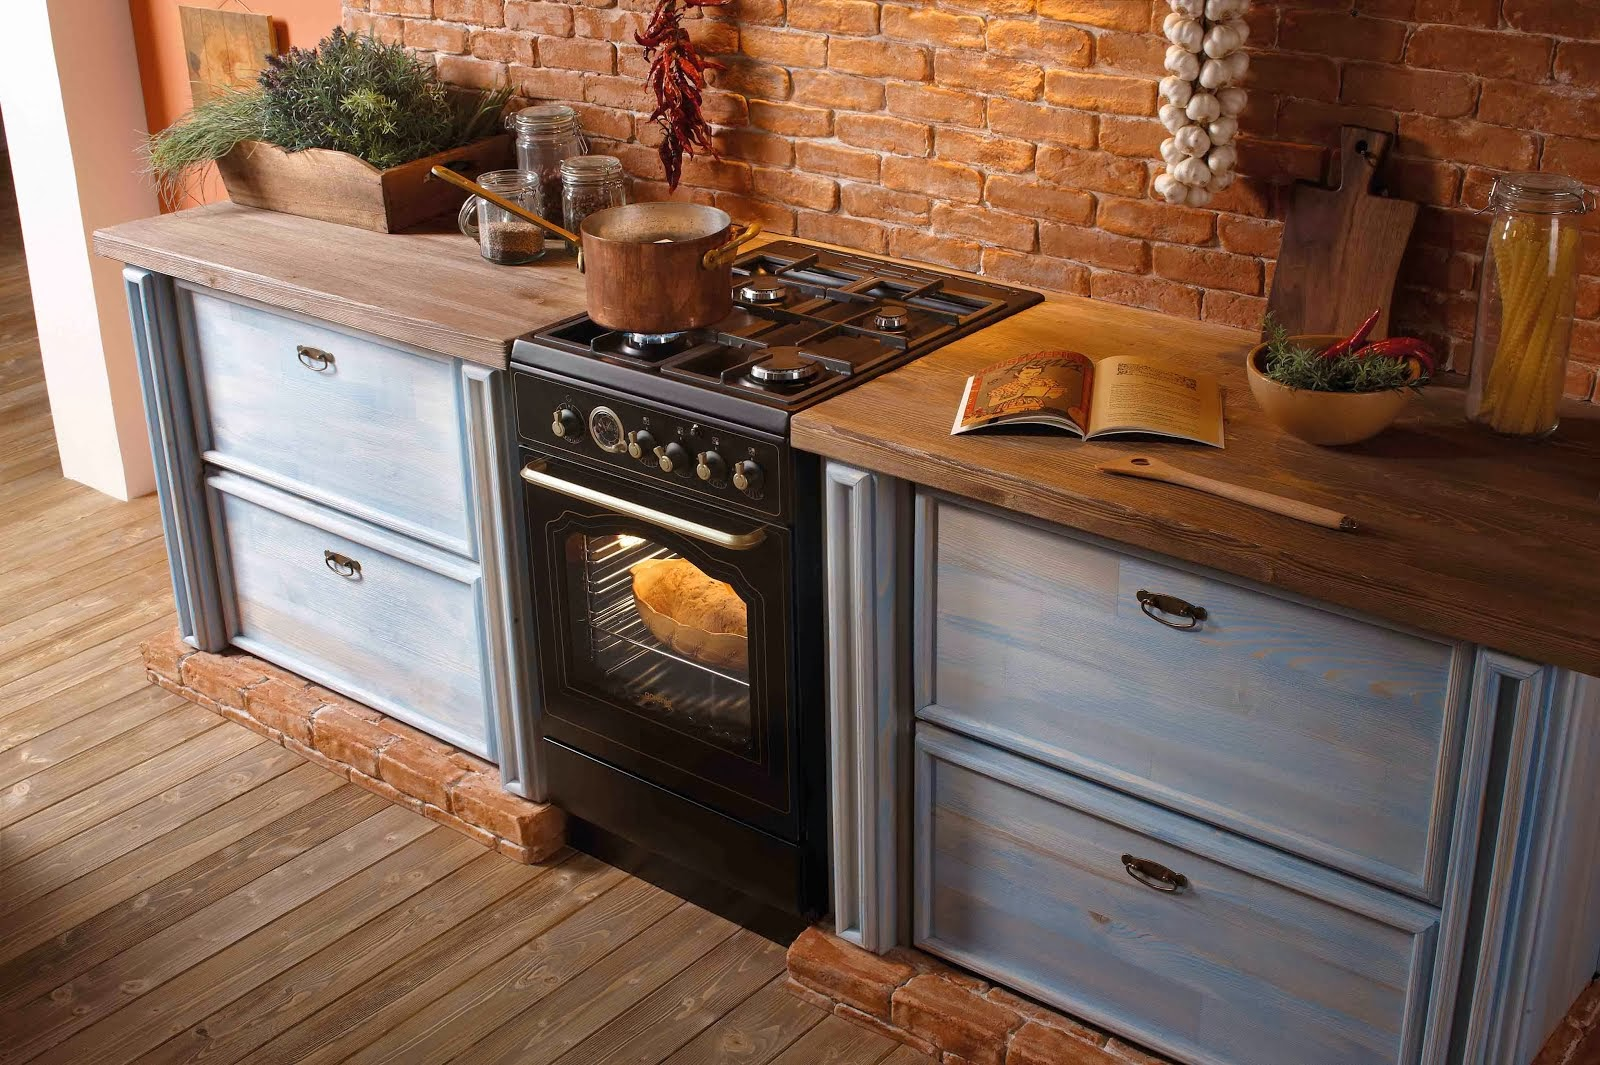 Il comunicato stampa arriva la nuova linea classico firmata gorenje cucine freestanding piani - Cucine a gas ikea ...